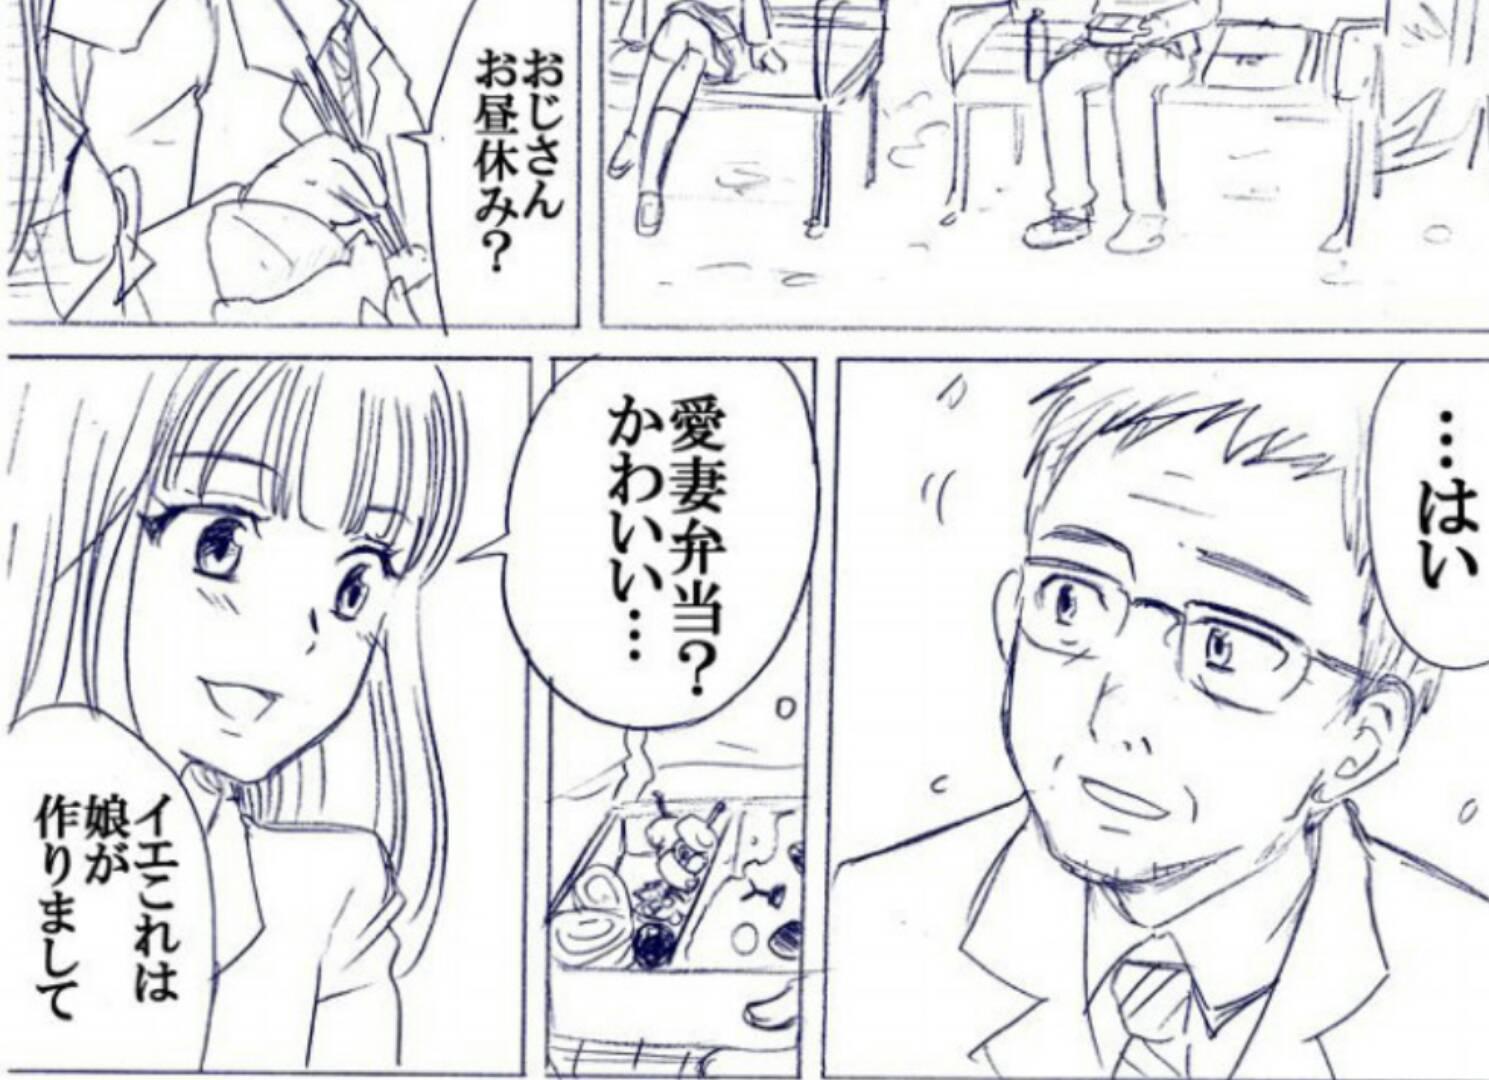 おじさんと女子高生の漫画。ほのぼの展開にほっこりしていたら衝撃の展開に!?